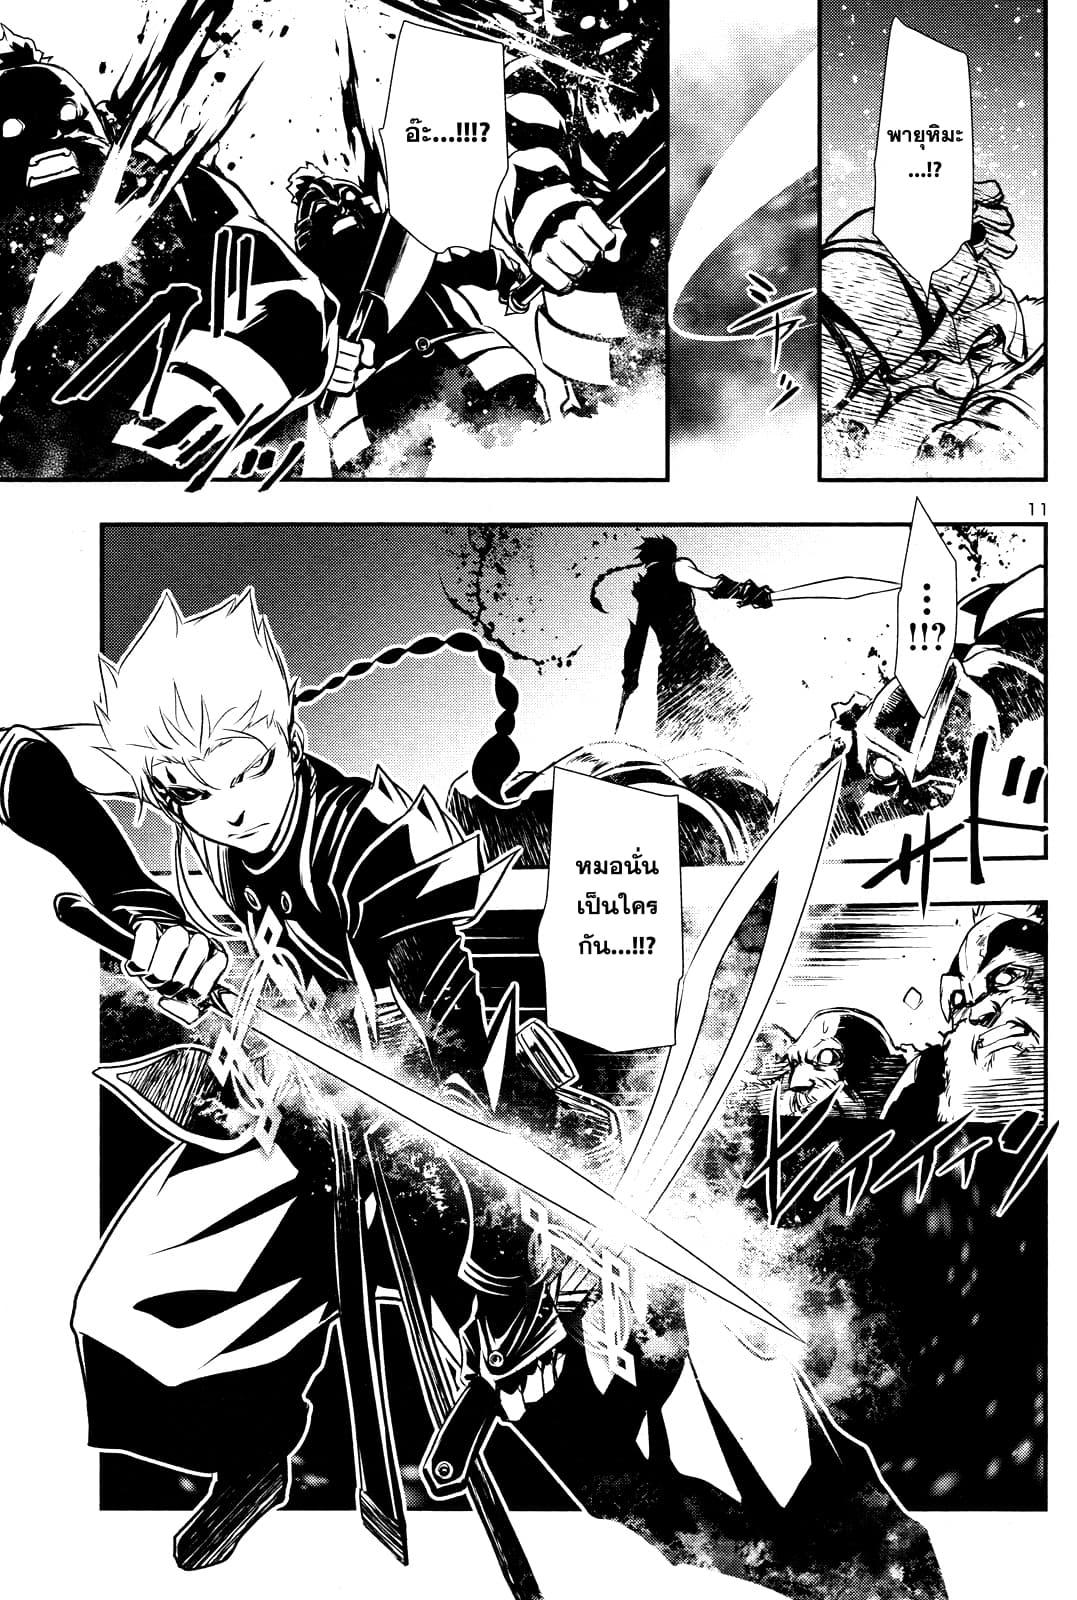 อ่านการ์ตูน Shinju no Nectar ตอนที่ 12 หน้าที่ 11